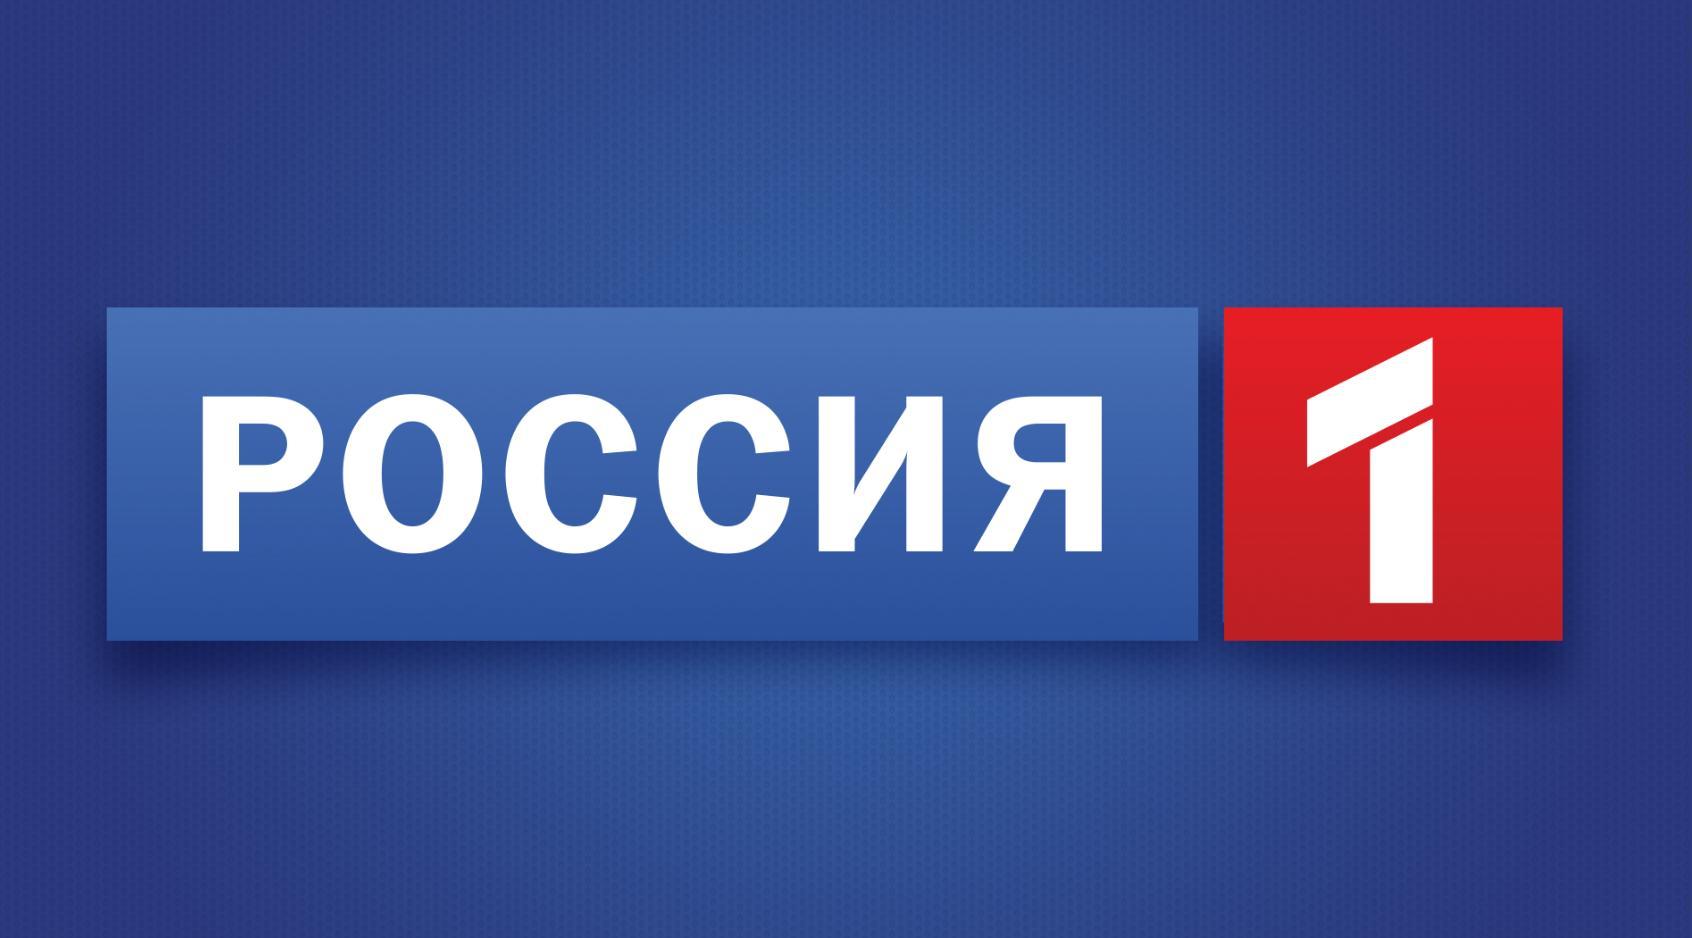 Программа телепередач россия 1 на сегодня